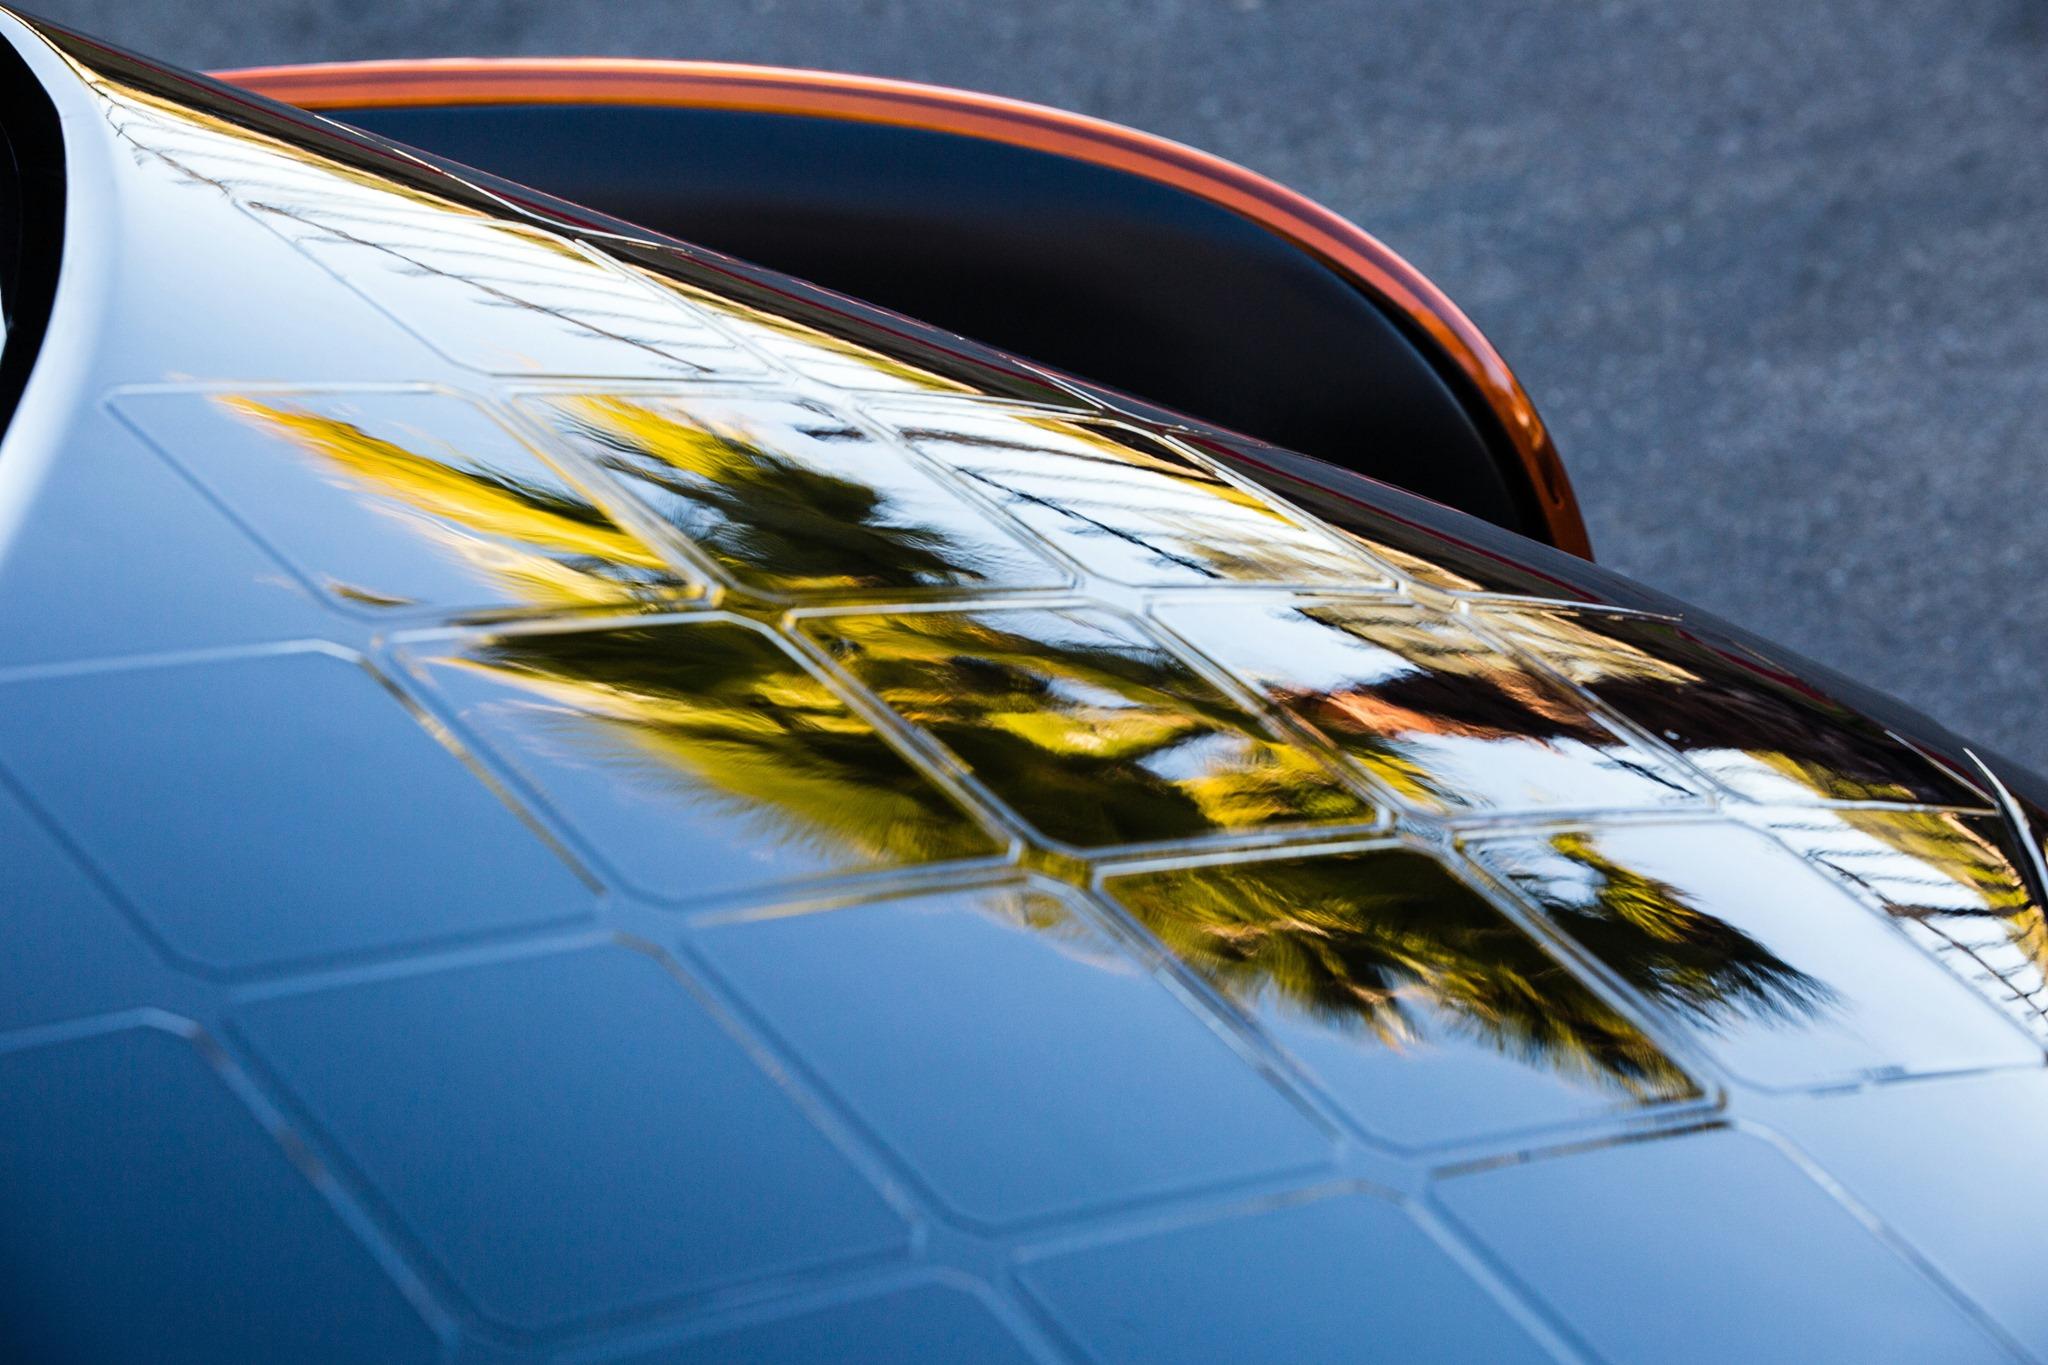 A carroceria 'absorve' os painéis fotovoltaicos como parte do design